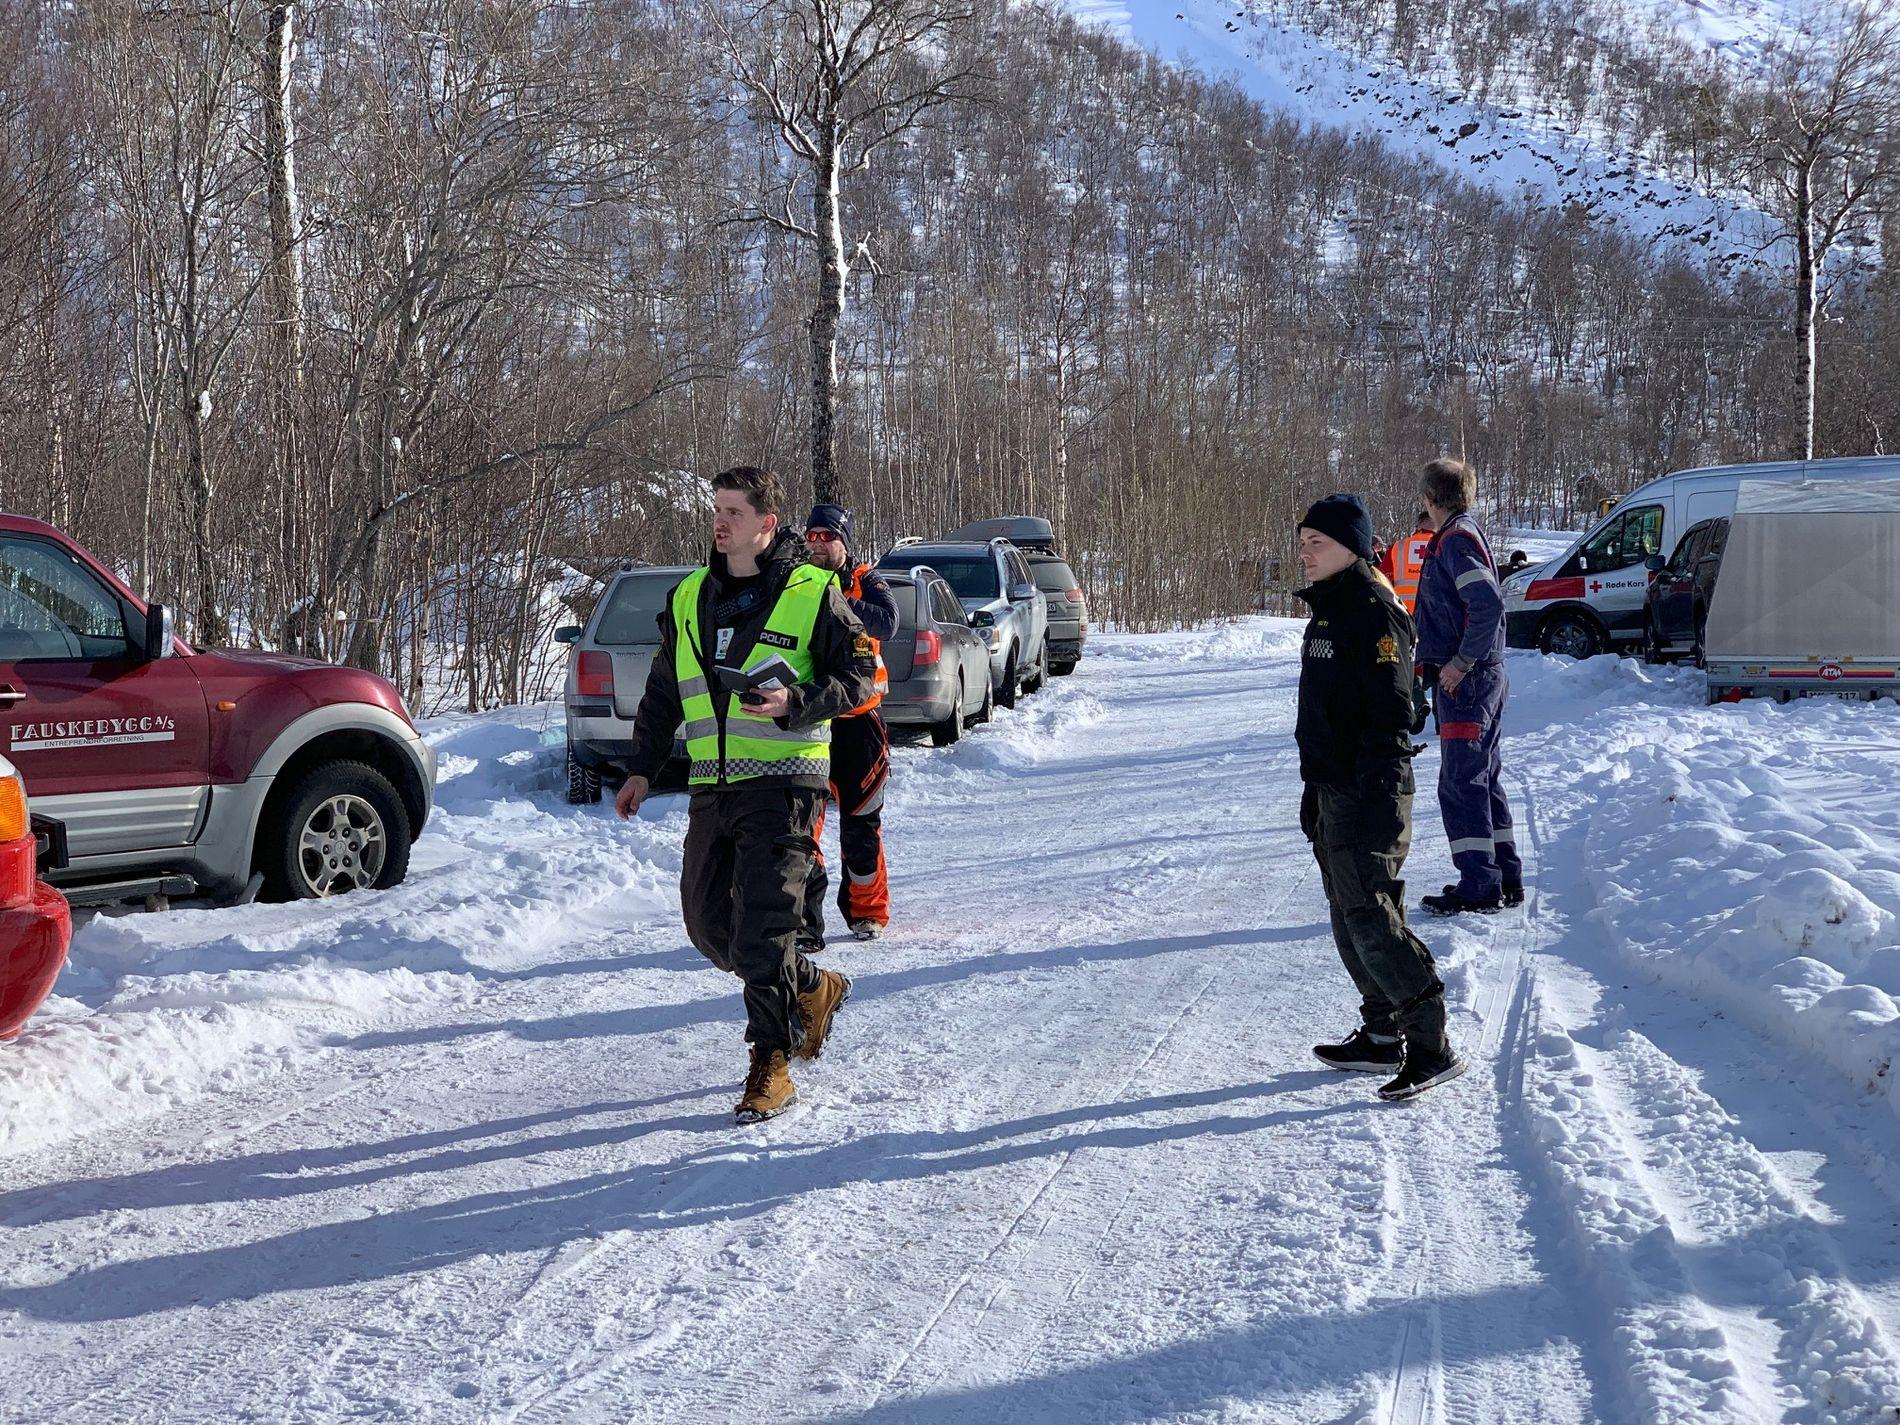 PÅ STEDET: Politi og andre redningsmannskaper har rykket ut til stedet.